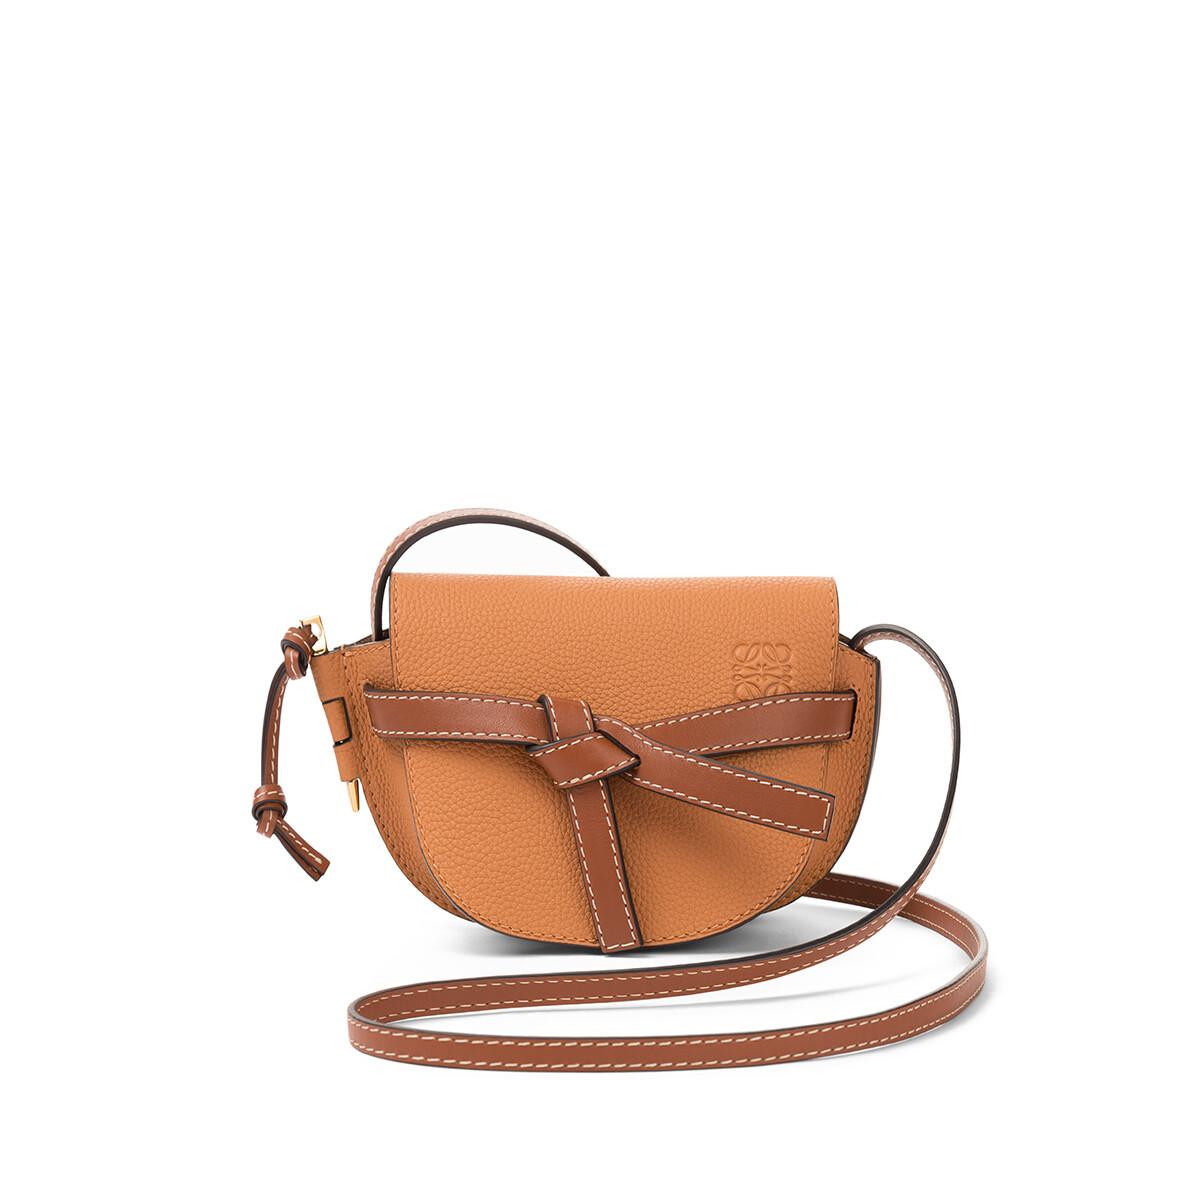 40代女性に似合うLOEWE(ロエベ)のレディースバッグ